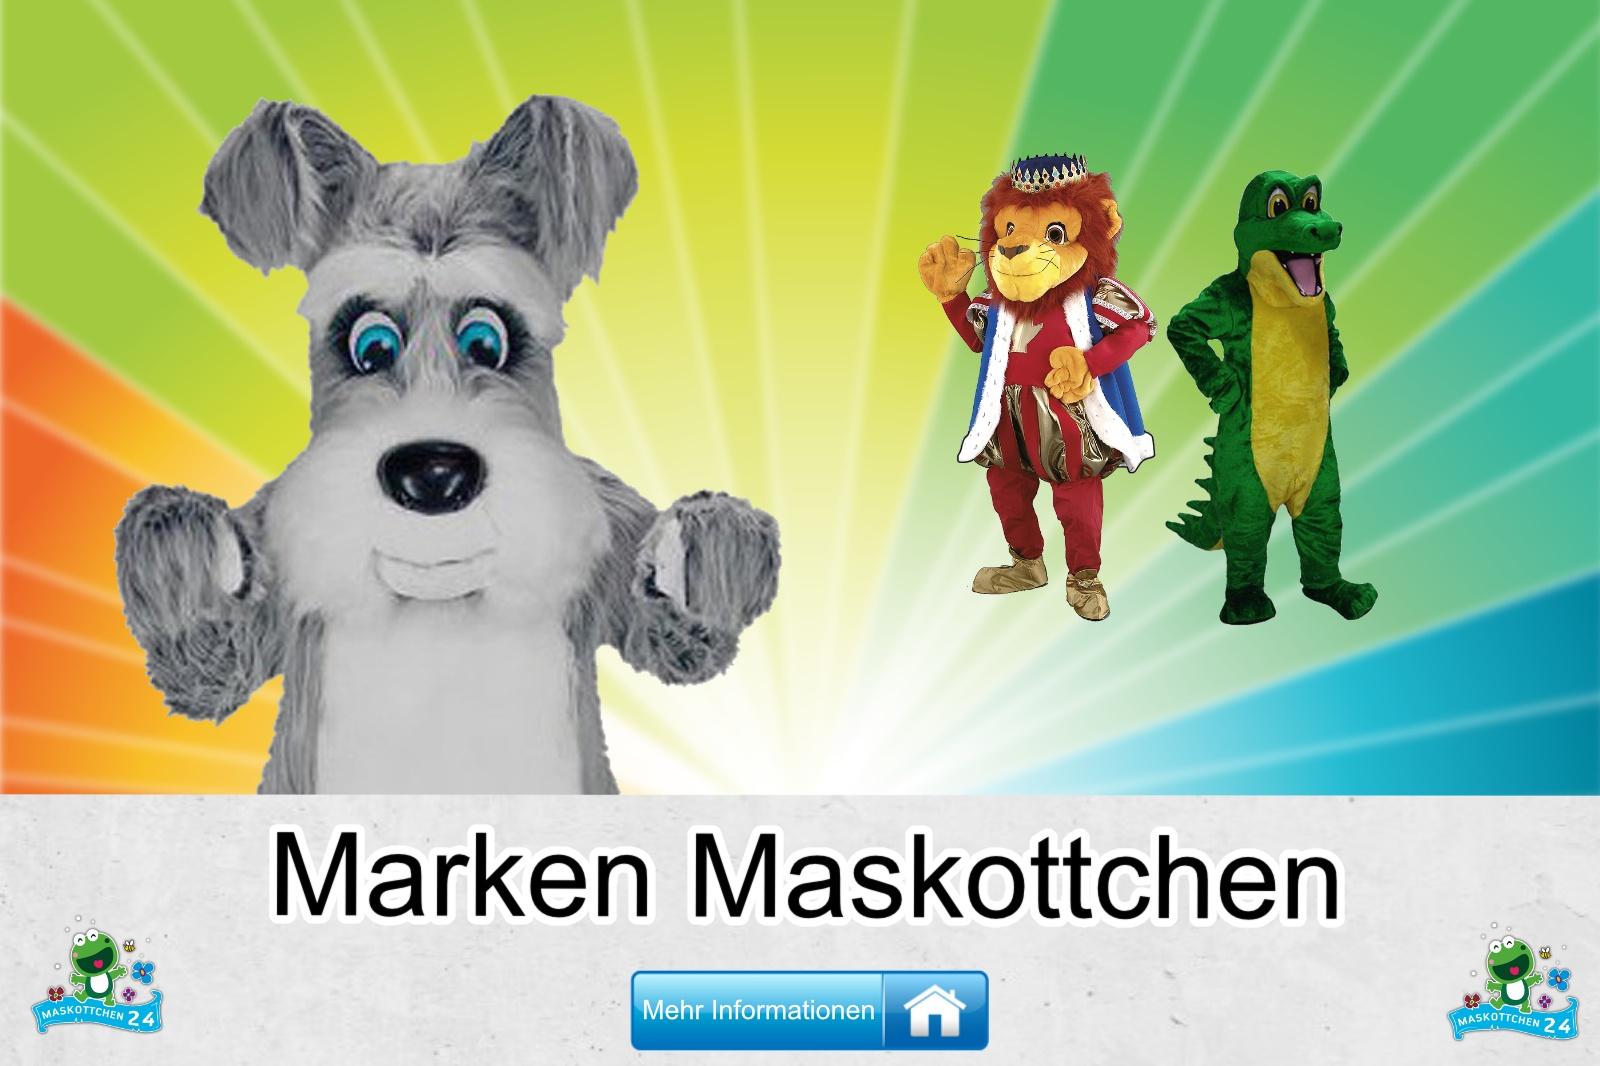 Marken Maskottchen Kostüm kaufen